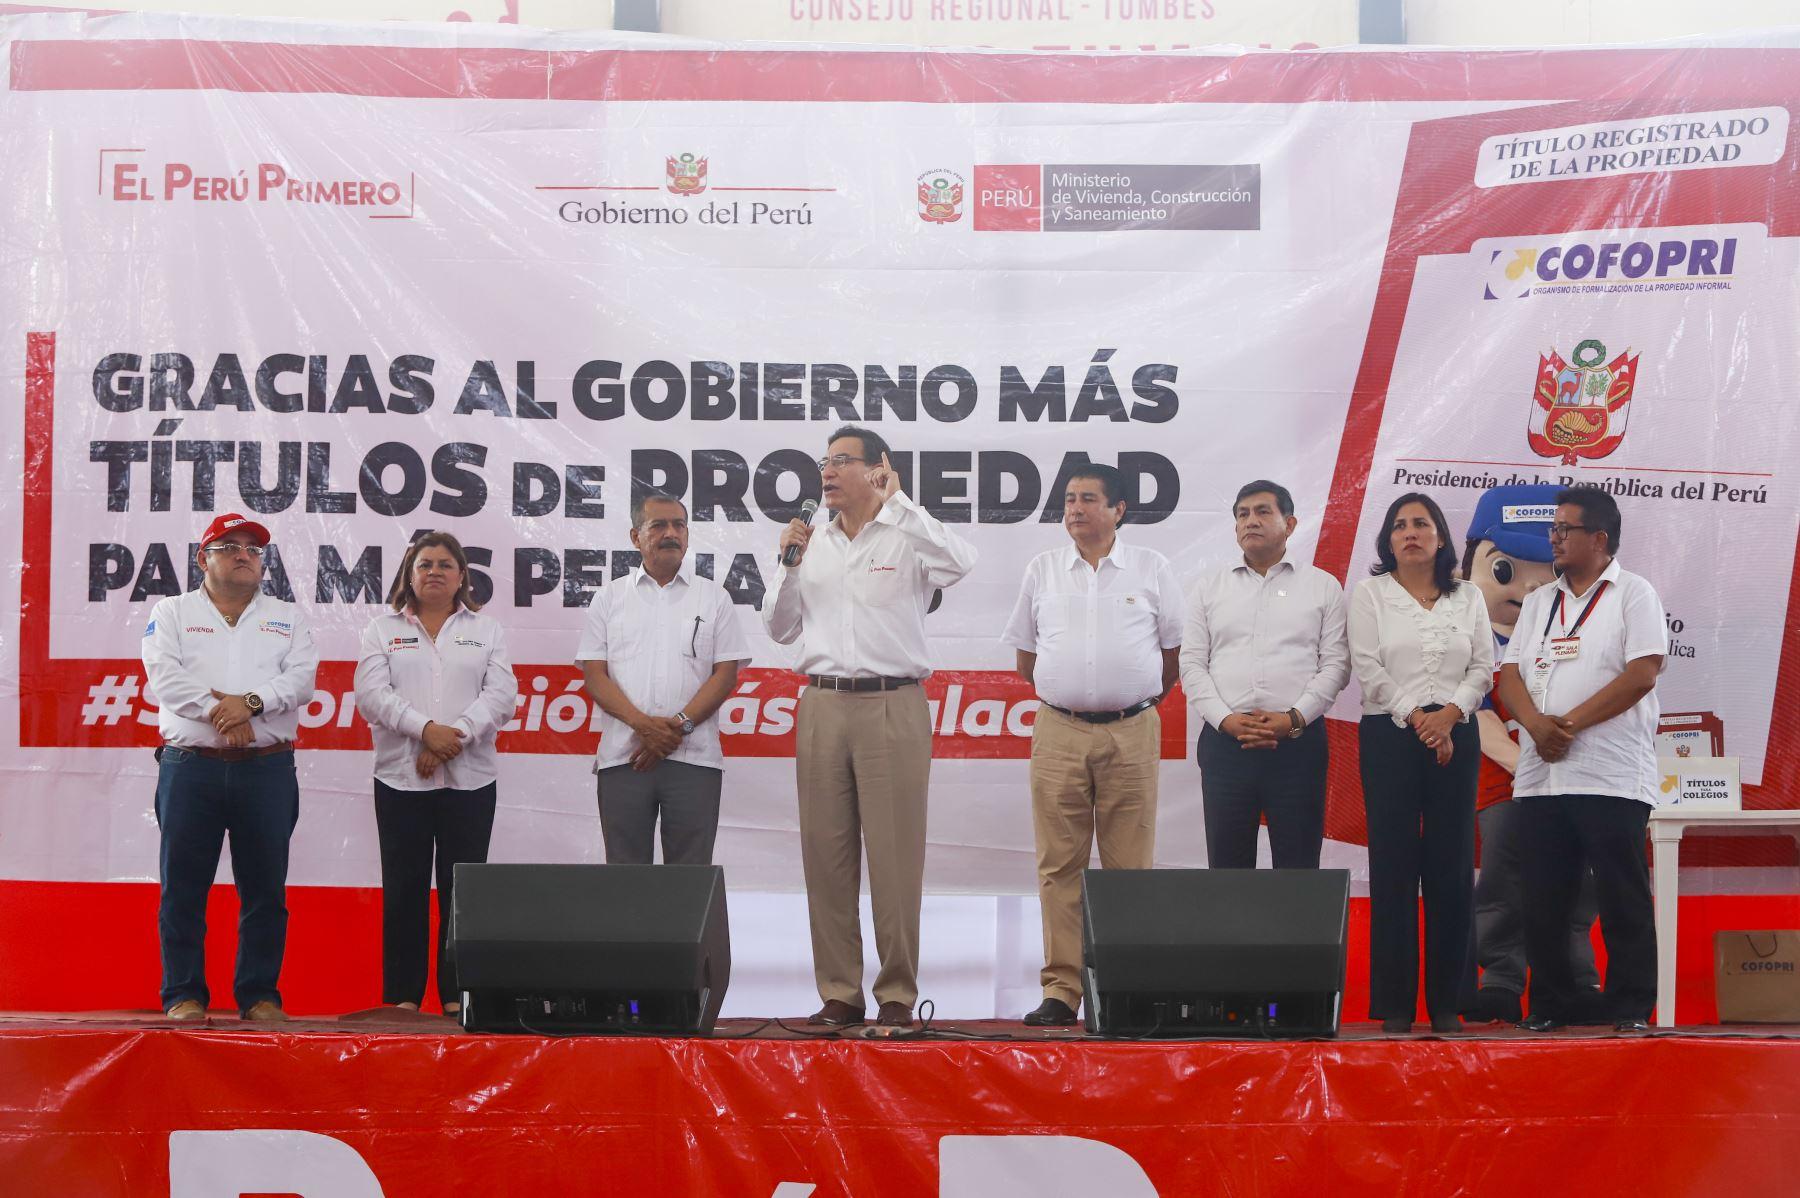 Jefe del Estado, Martín Vizcarra, lidera ceremonia de entrega de títulos de propiedad en la región Tumbes. Foto: ANDINA/Prensa Presidencia